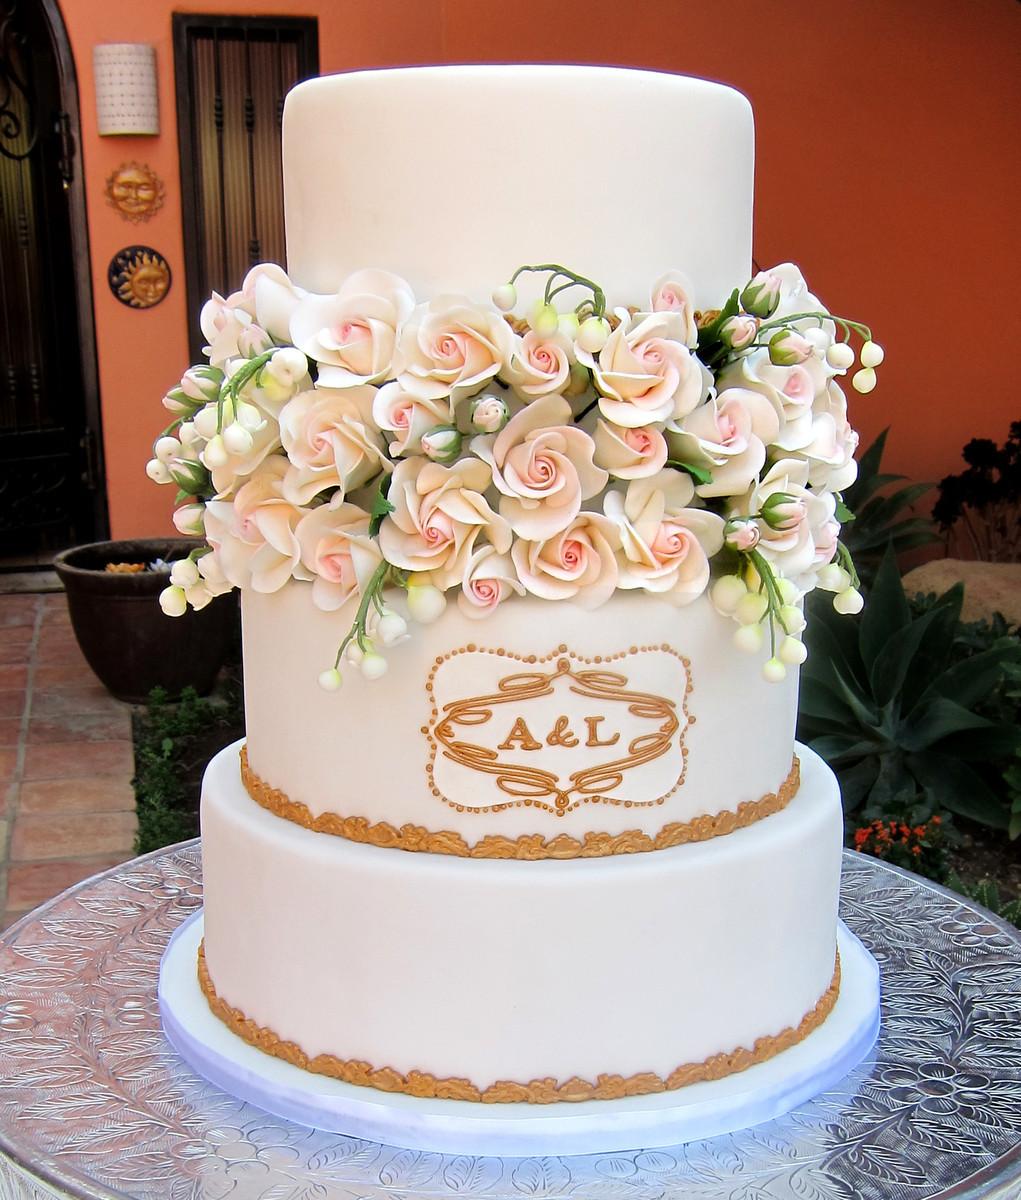 Wedding Cakes Los Angeles  Delicious Arts Wedding Cake California Los Angeles